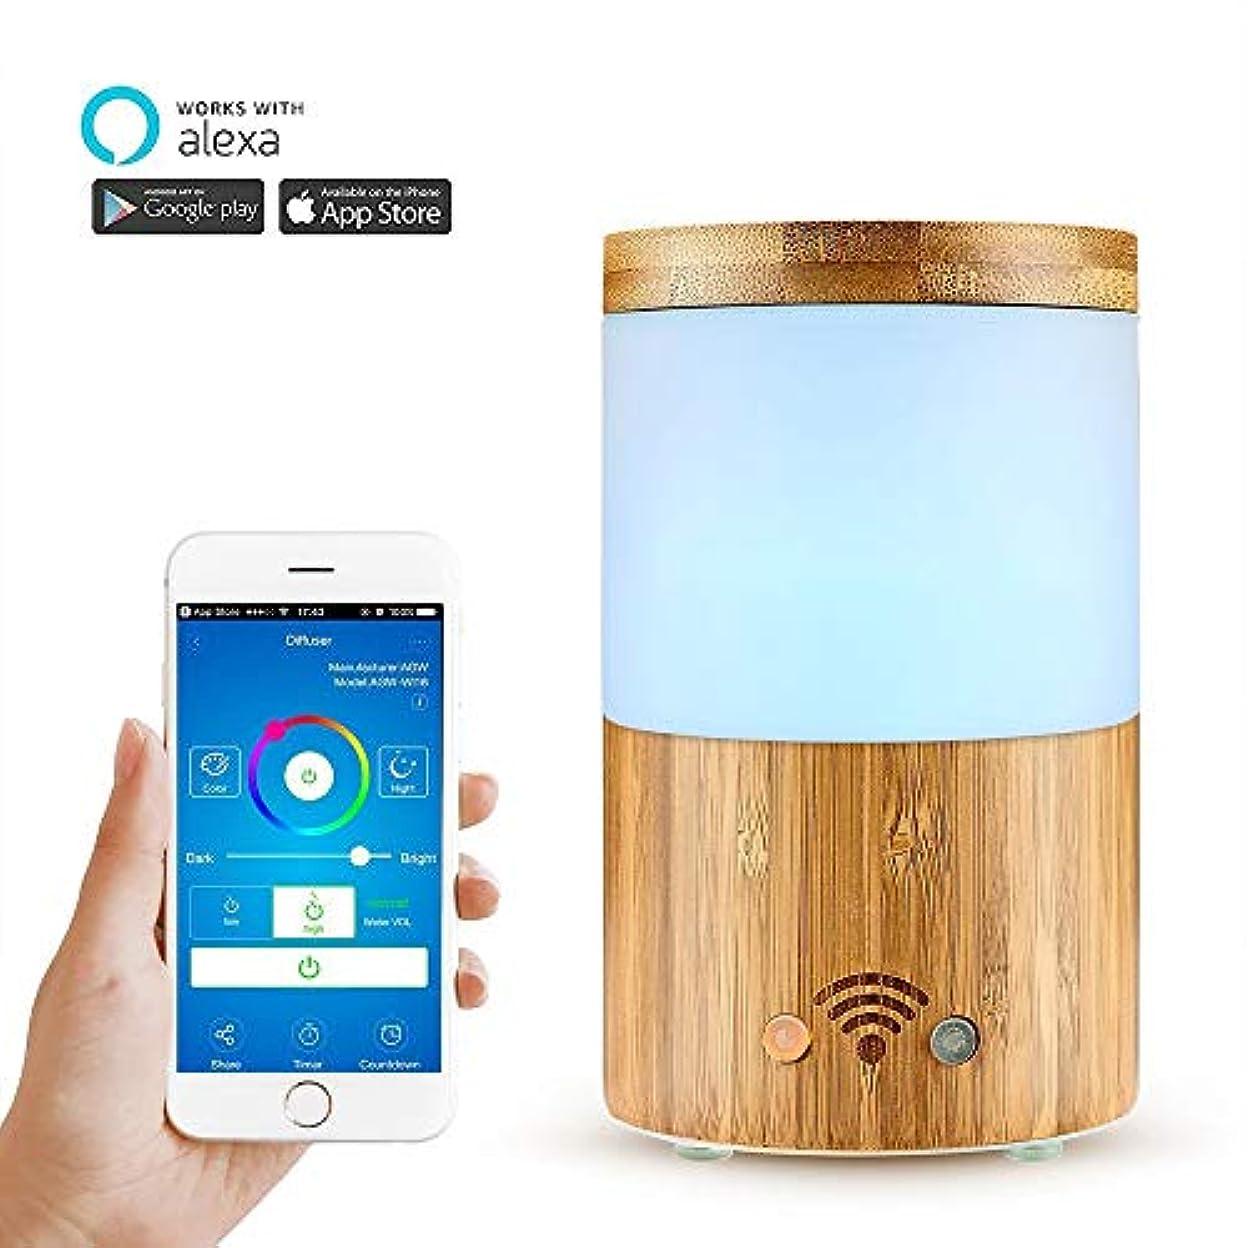 光電紫の変換するWifiワイヤレスアロマエッセンシャルオイルディフューザー、電話アプリ、音声コントロール-スケジュールの作成-160mlディフューザーと加湿器-LEDとタイマーの設定